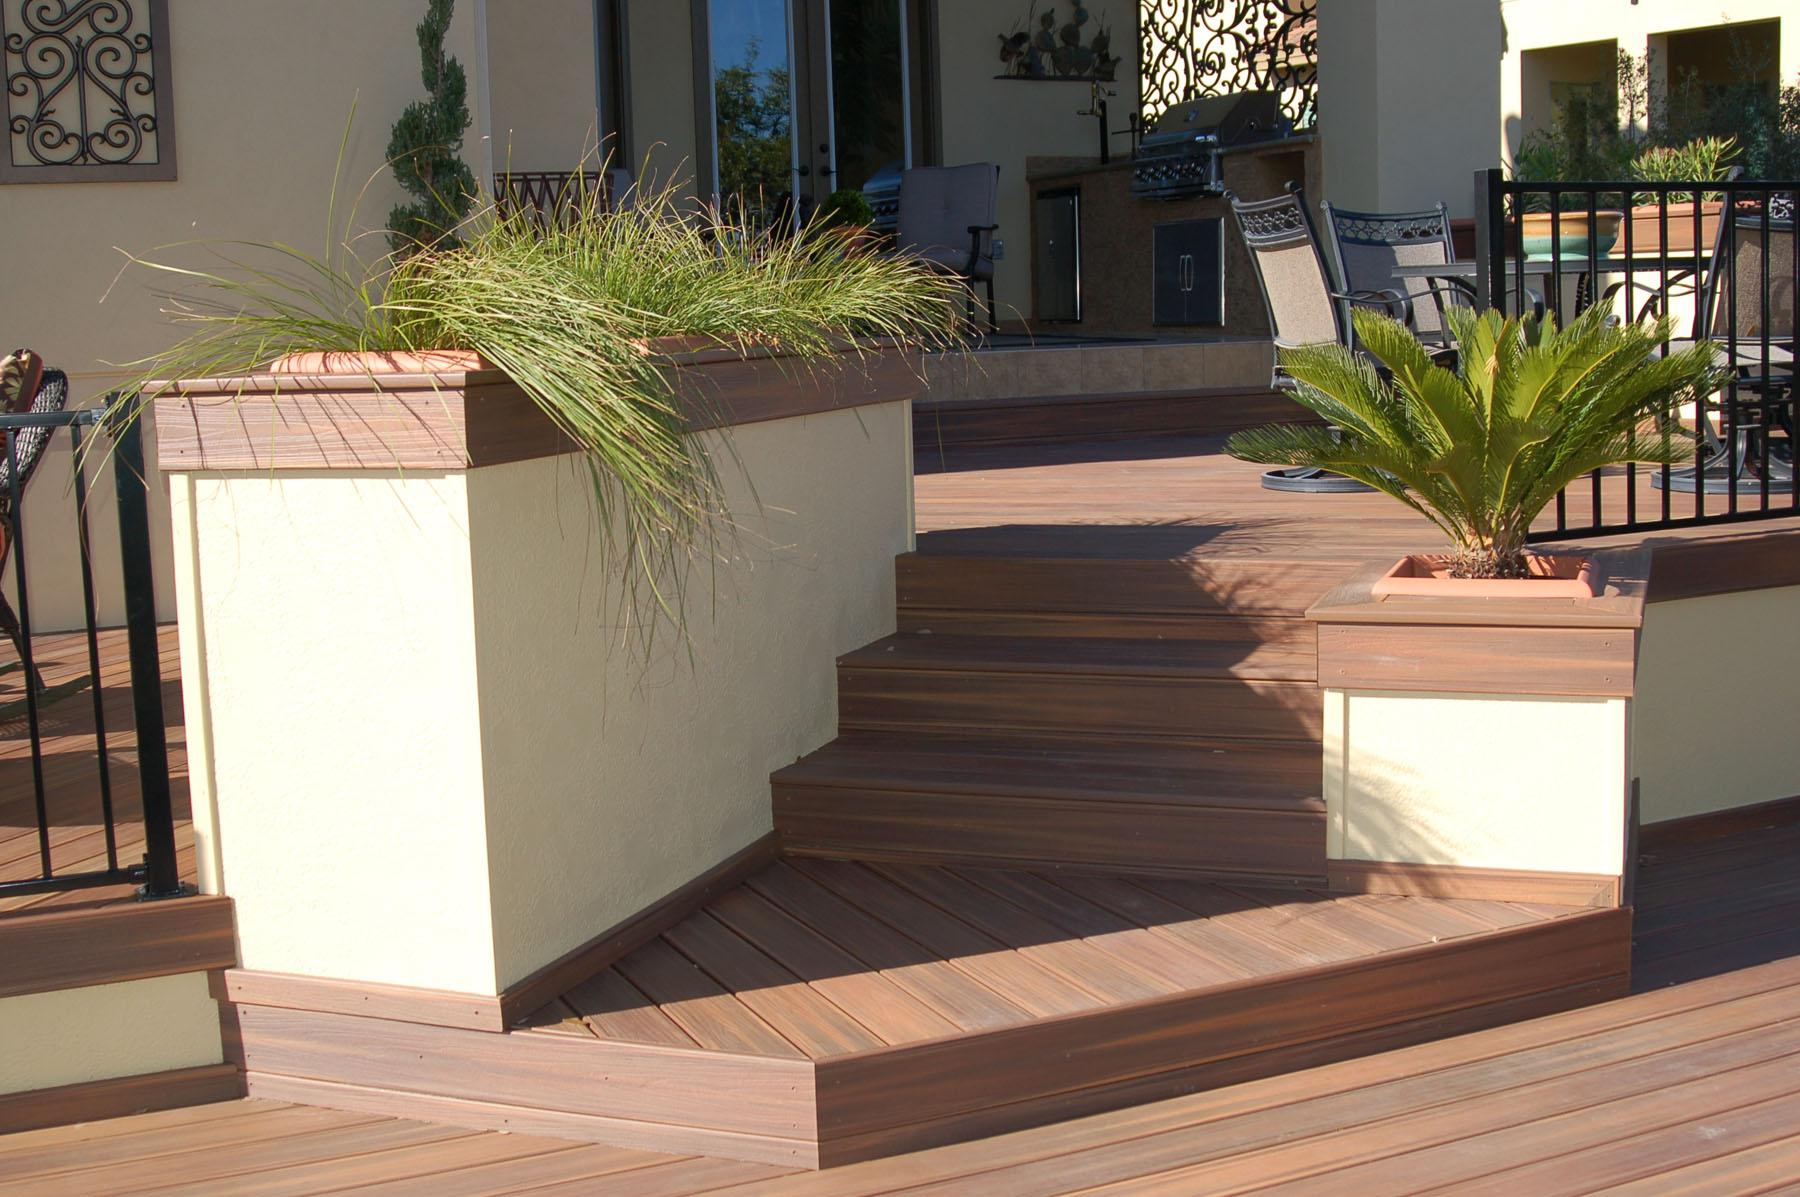 3 story decks austin decks pergolas covered patios for Stucco design ideas